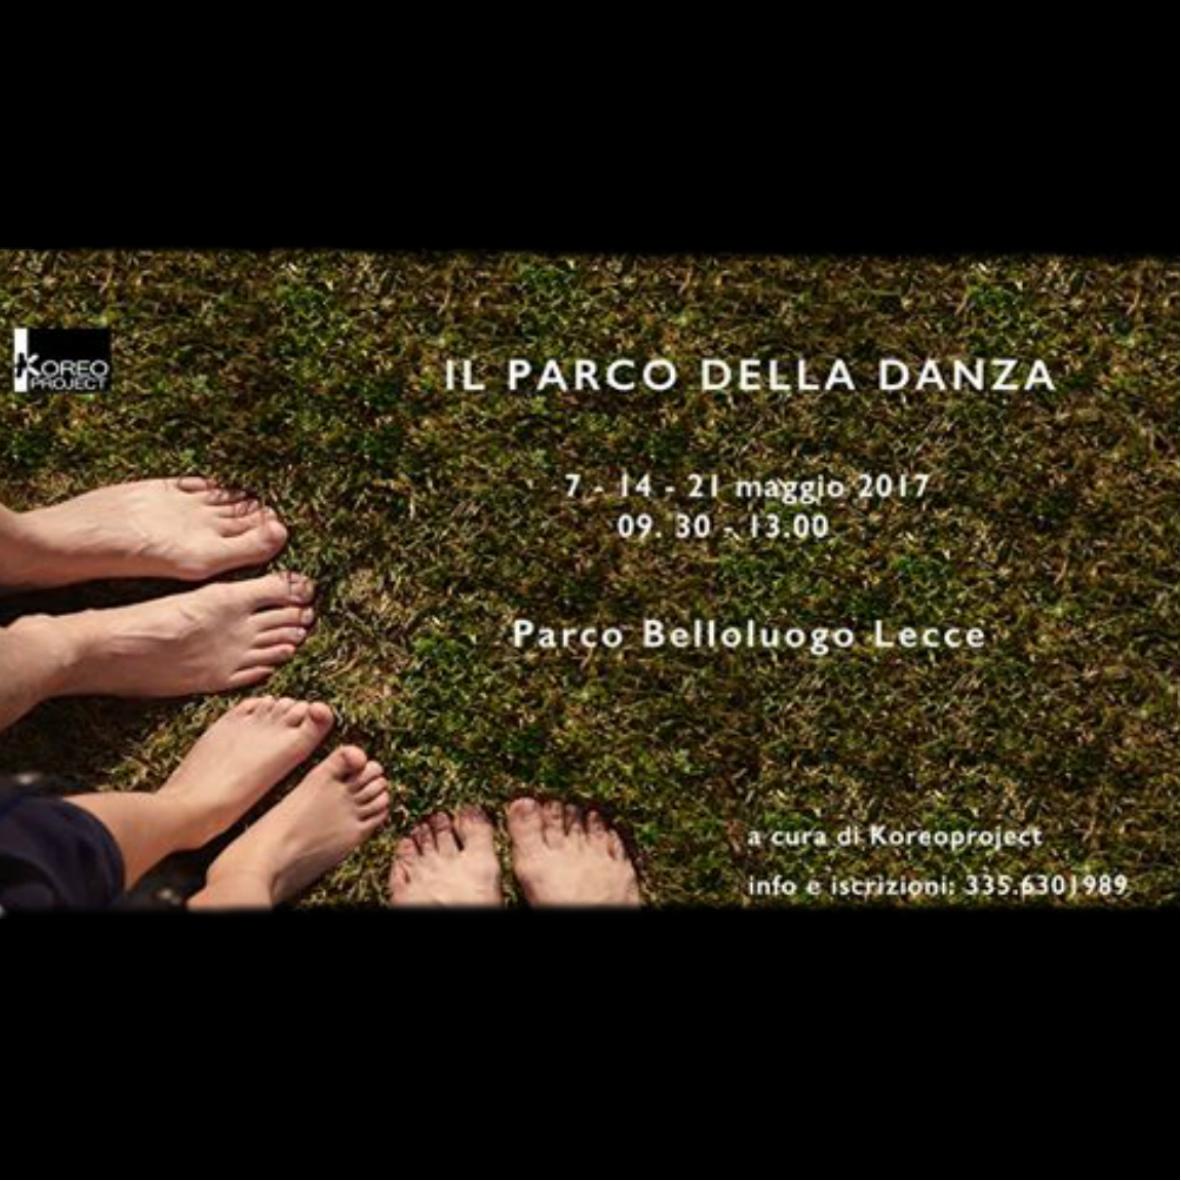 Il parco della danza - Lecce